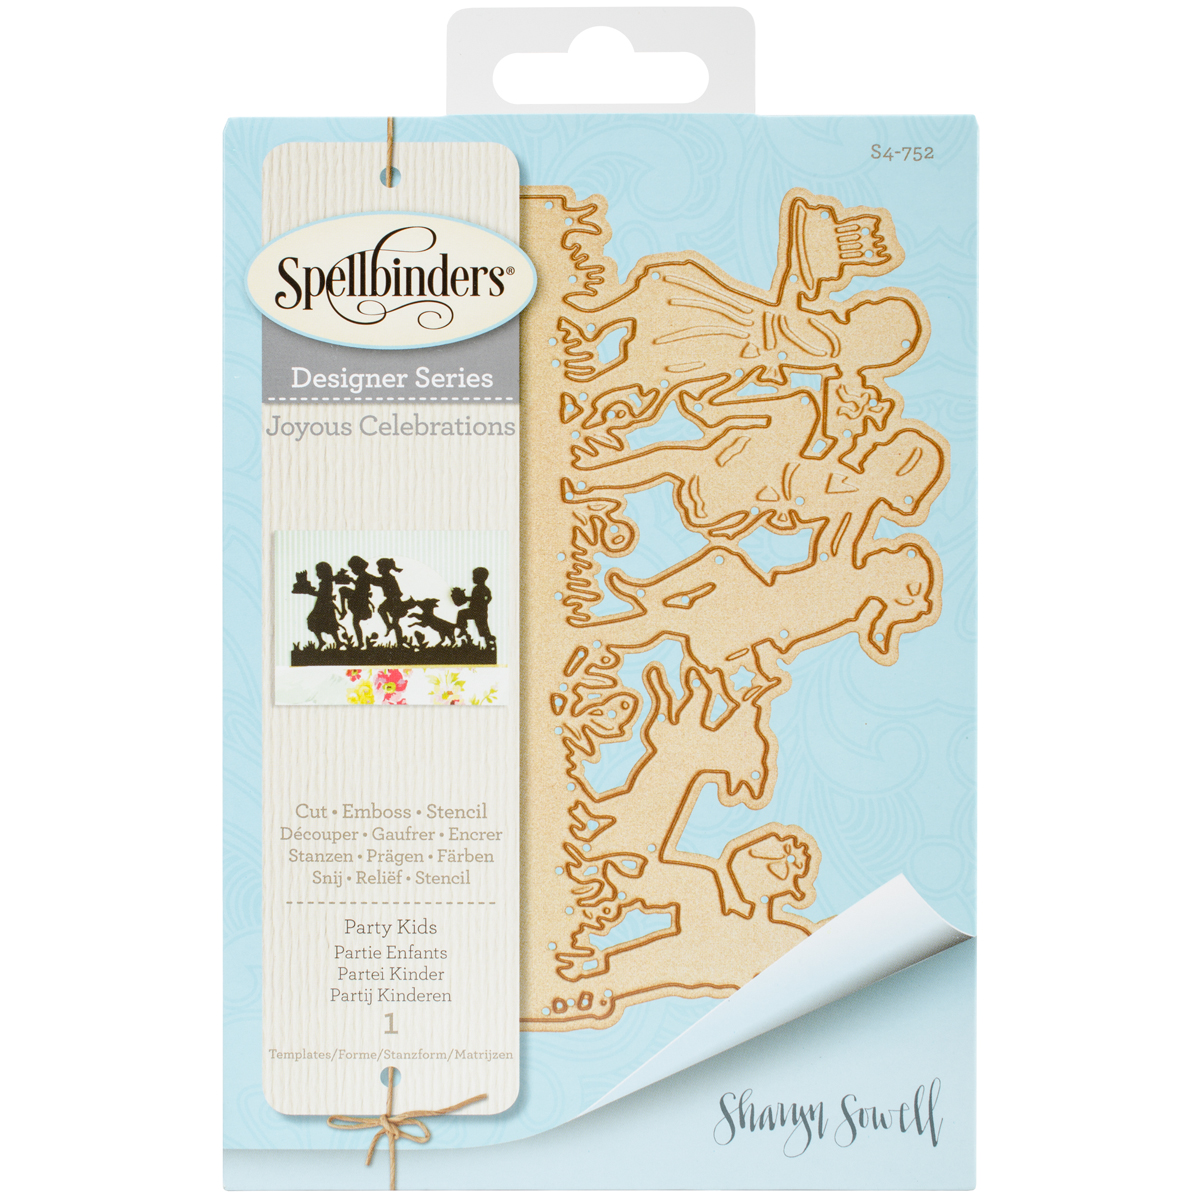 ^Spellbinders - Designer Series - Party Kids